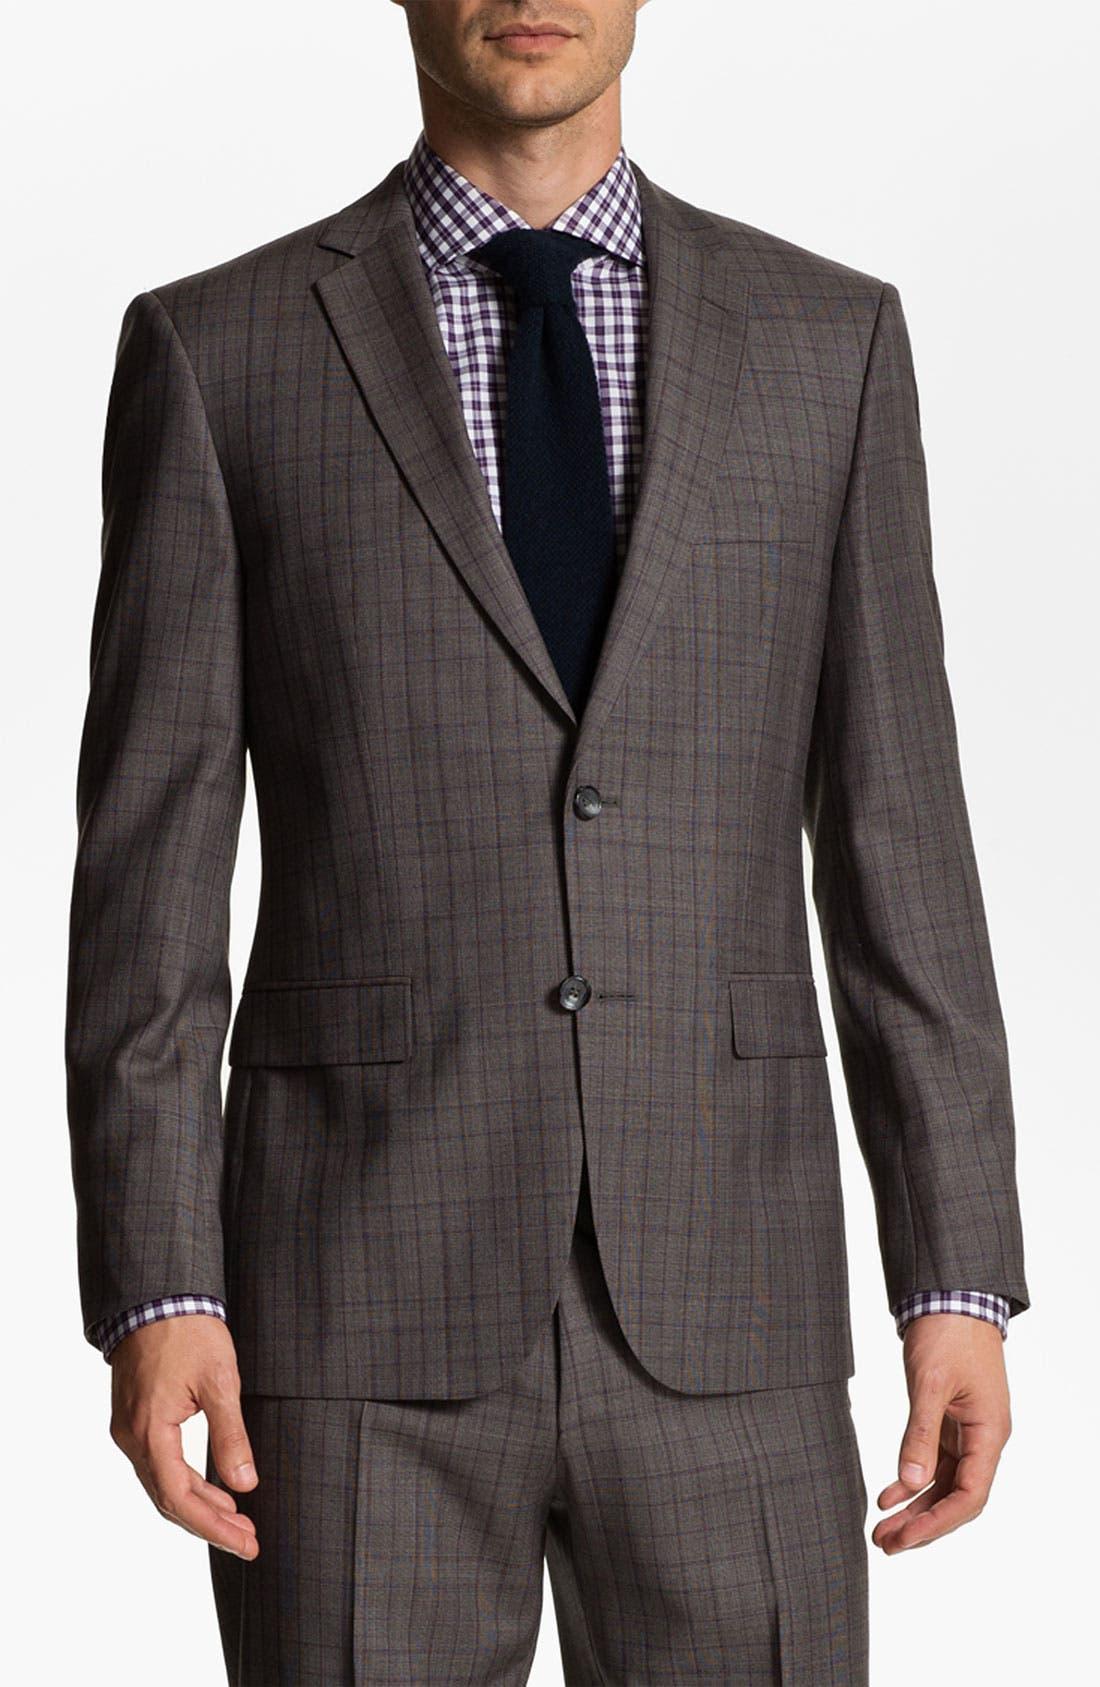 Main Image - BOSS Selection 'Howard/Court' Trim Fit Plaid Suit